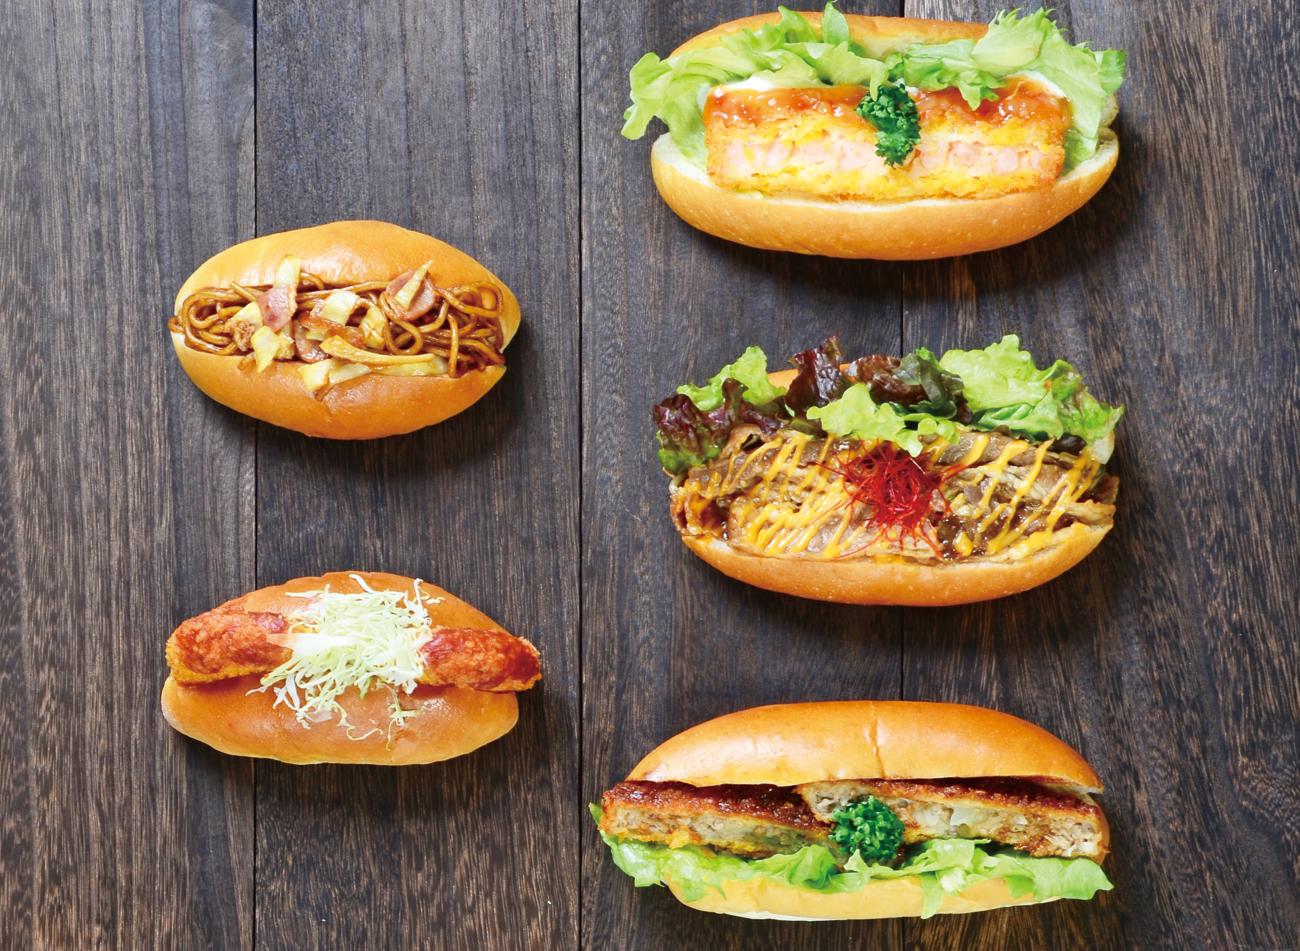 《まとめ》徳島のパン職人のこだわりごちそうサンドが大集結! 手軽に食べられる&個性の豊かさが魅力。お出かけのおともに、いかが?